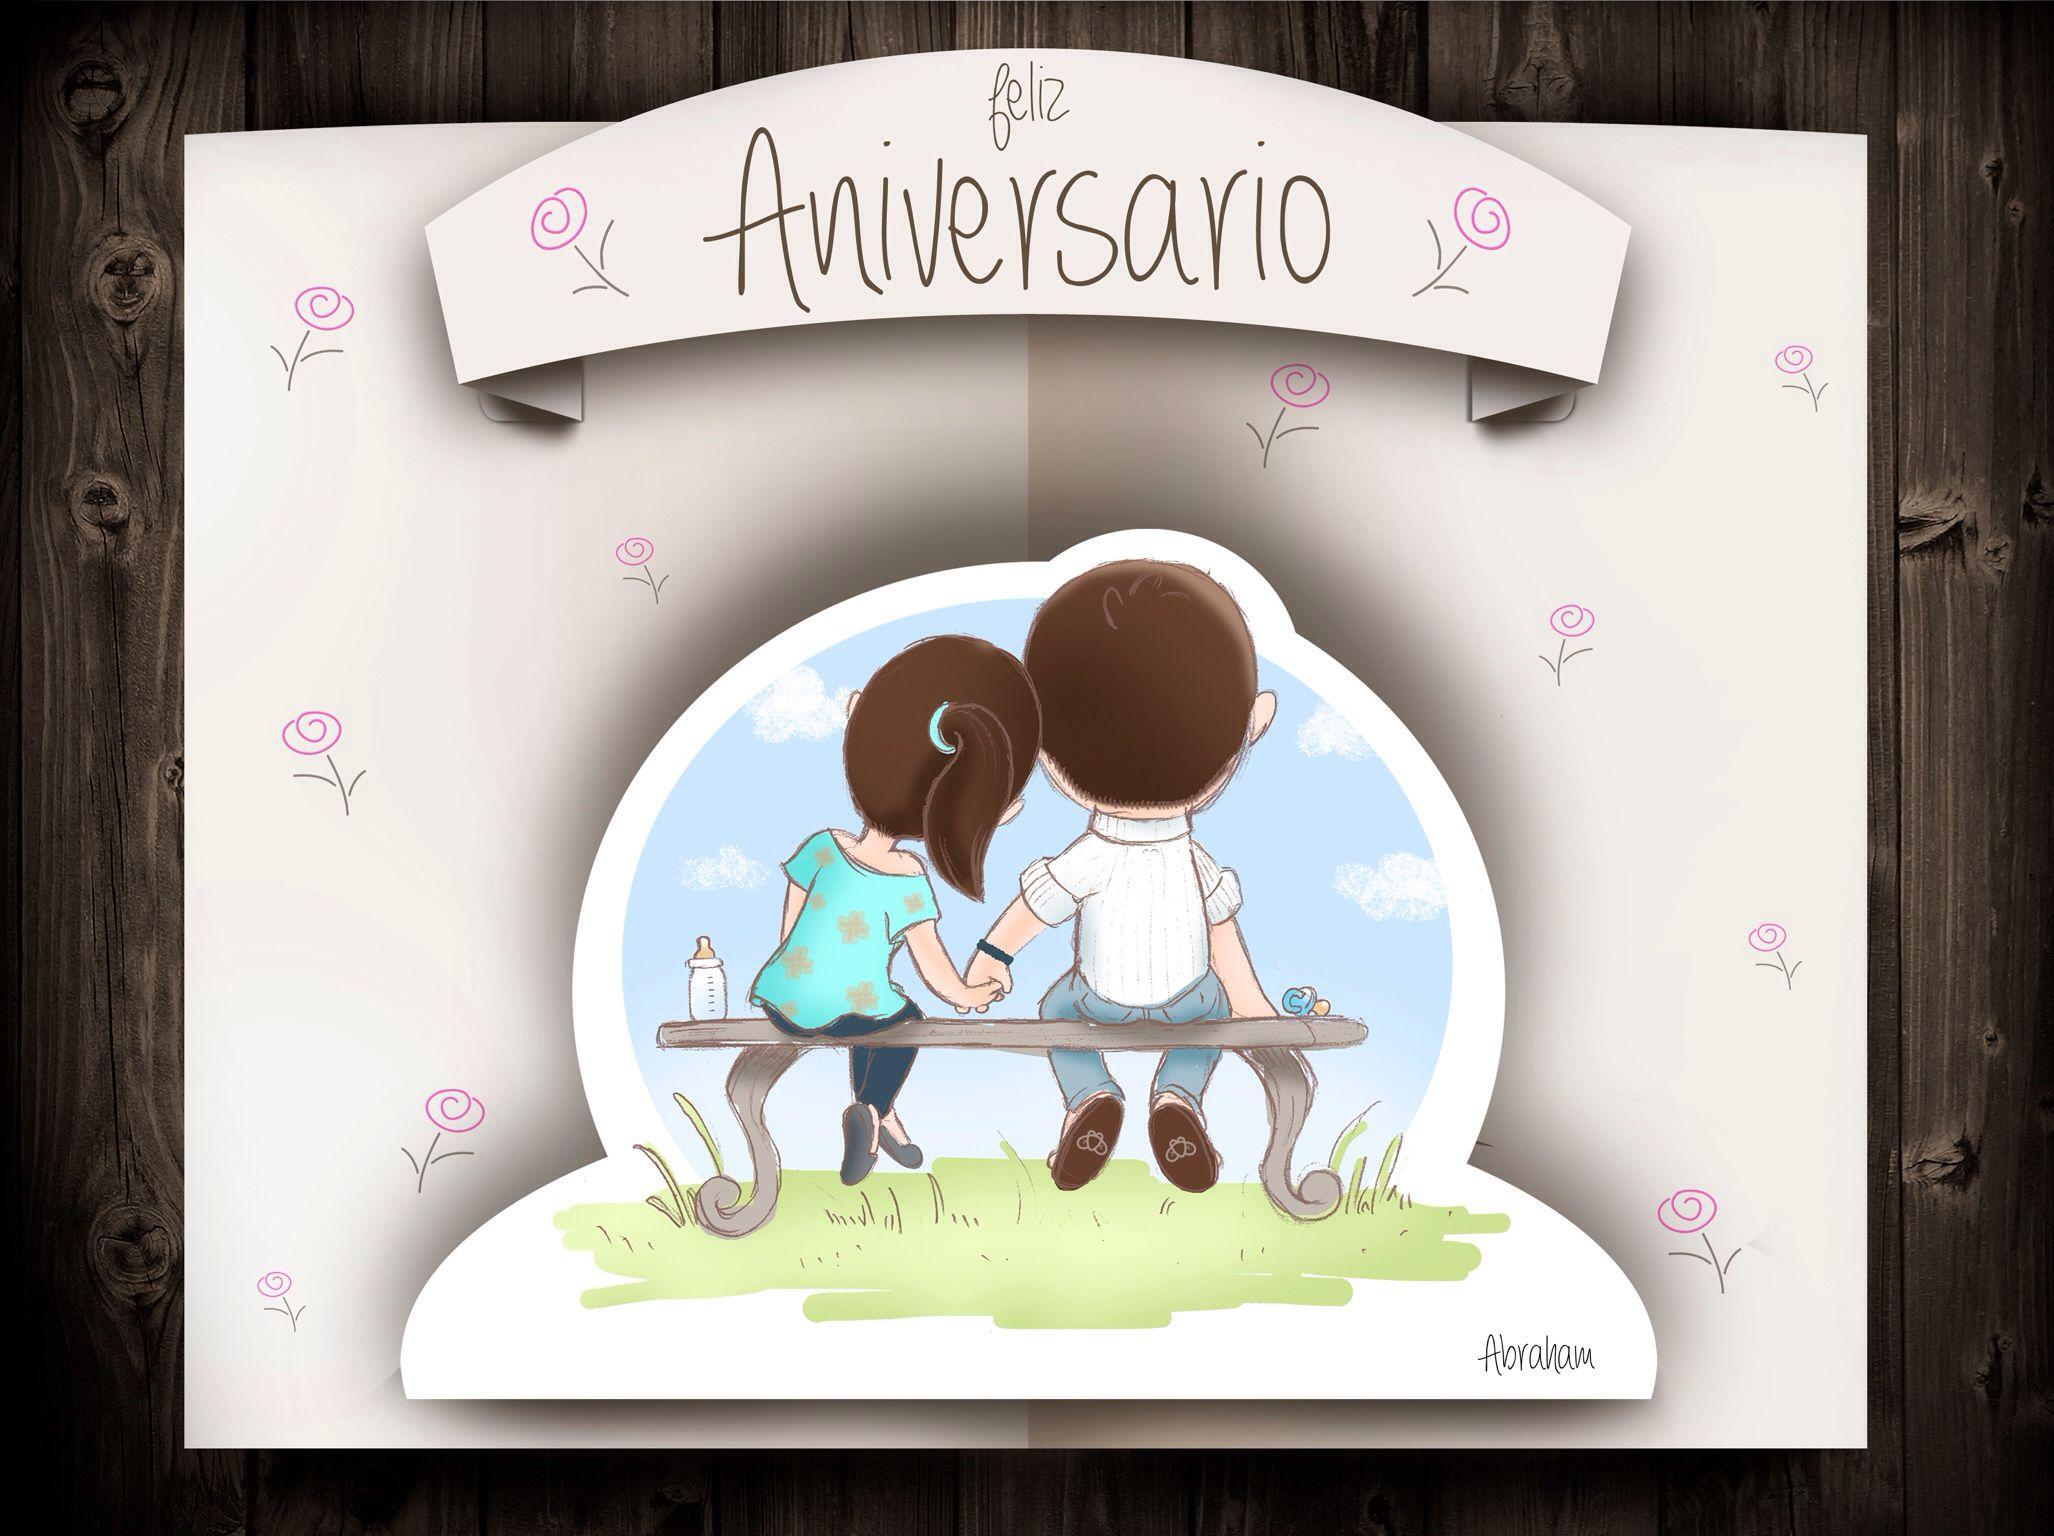 Mensajes De Feliz Aniversario De Bodas: Aniversario De Bodas Frases